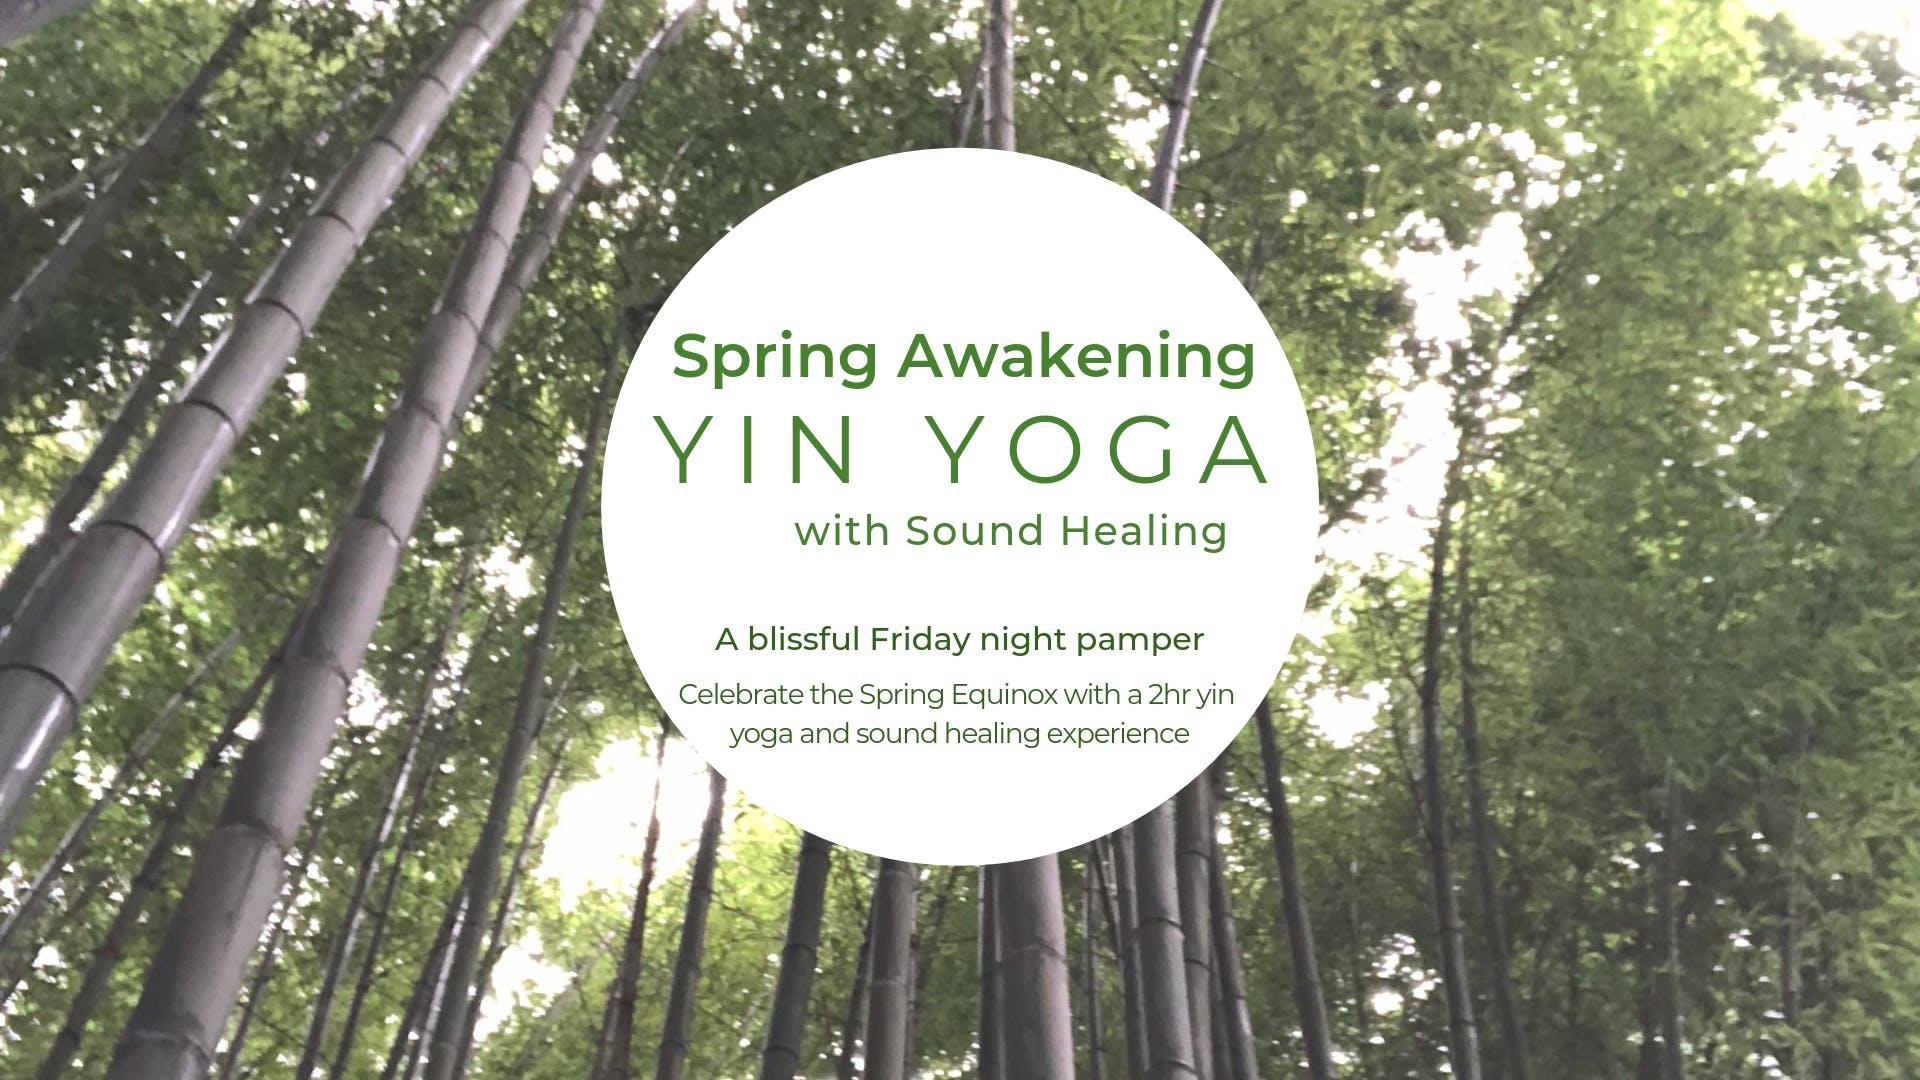 Spring Awakening - Yin Yoga & Sound Healing